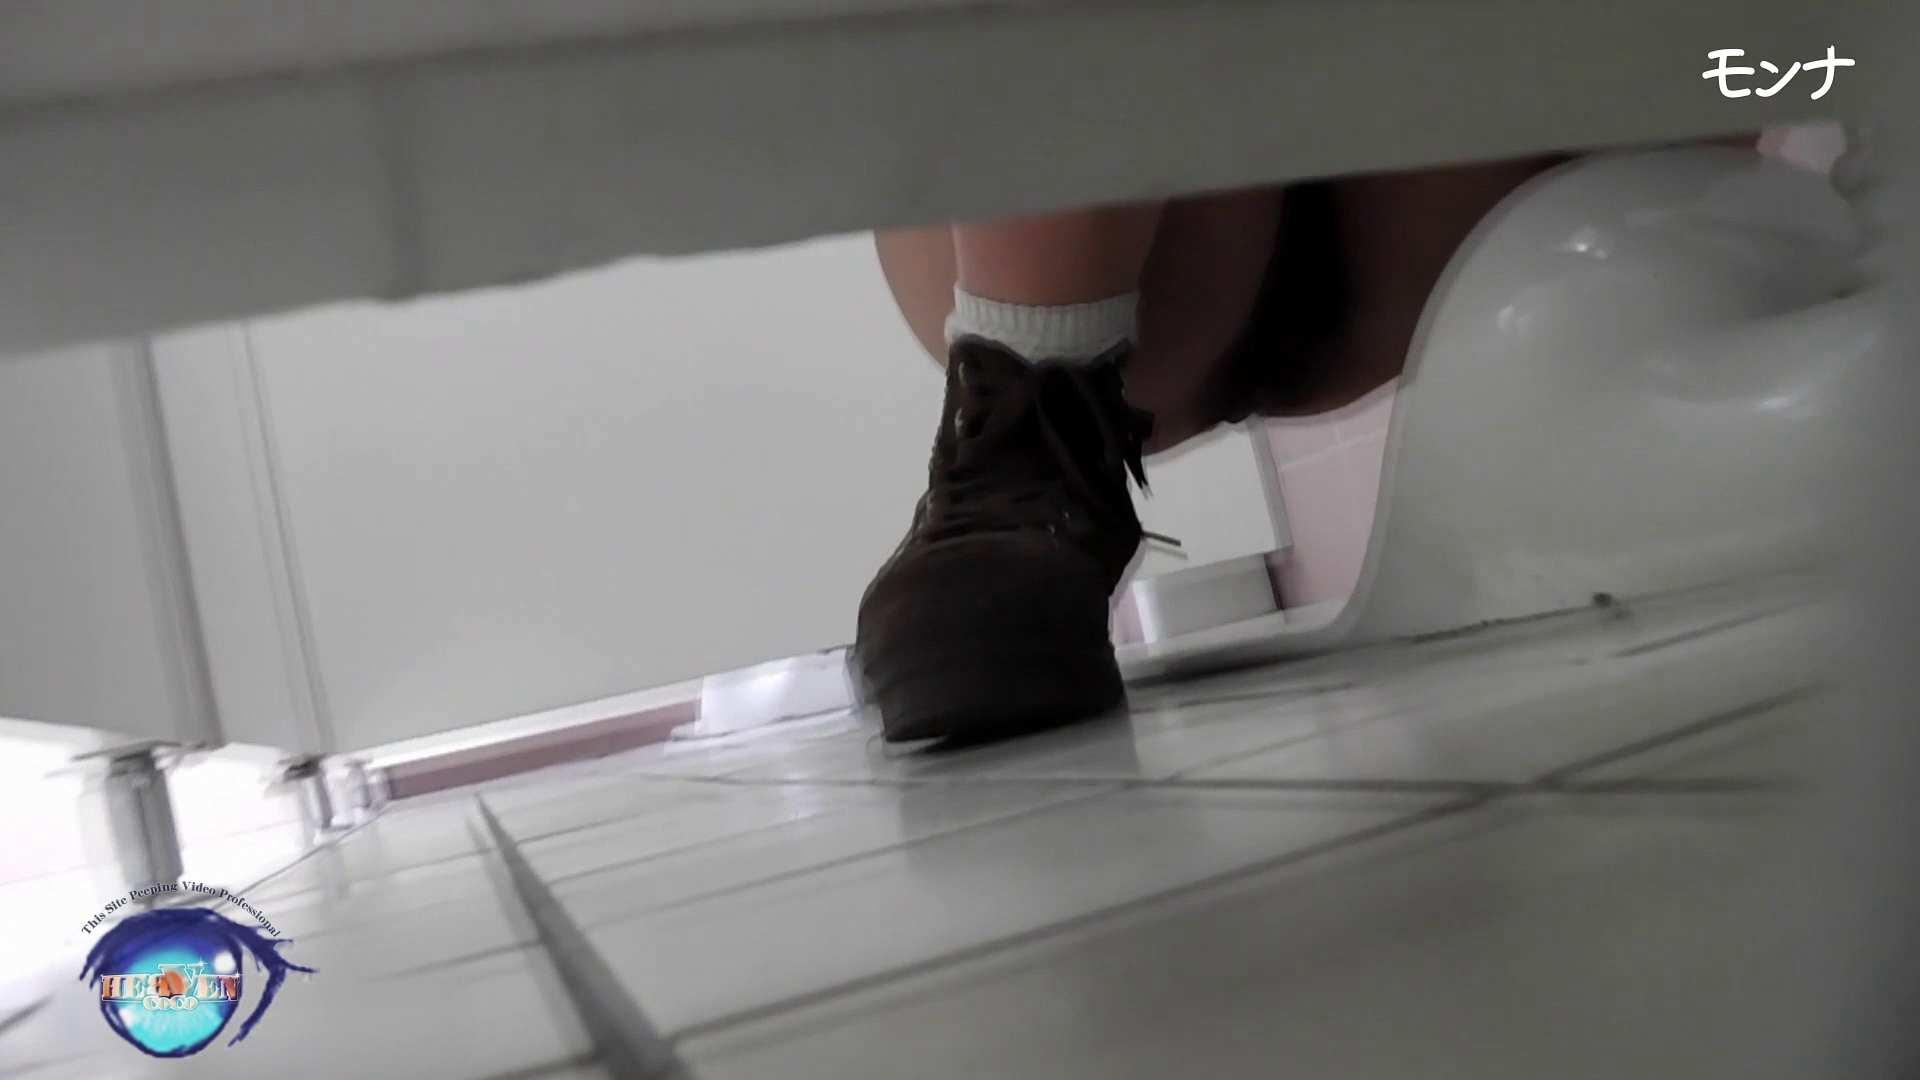 【美しい日本の未来】美しい日本の未来 No.76 育ちのいいお嬢様達は、トイレの姿勢も綺麗・・・・・ お尻   パンスト  88pic 13